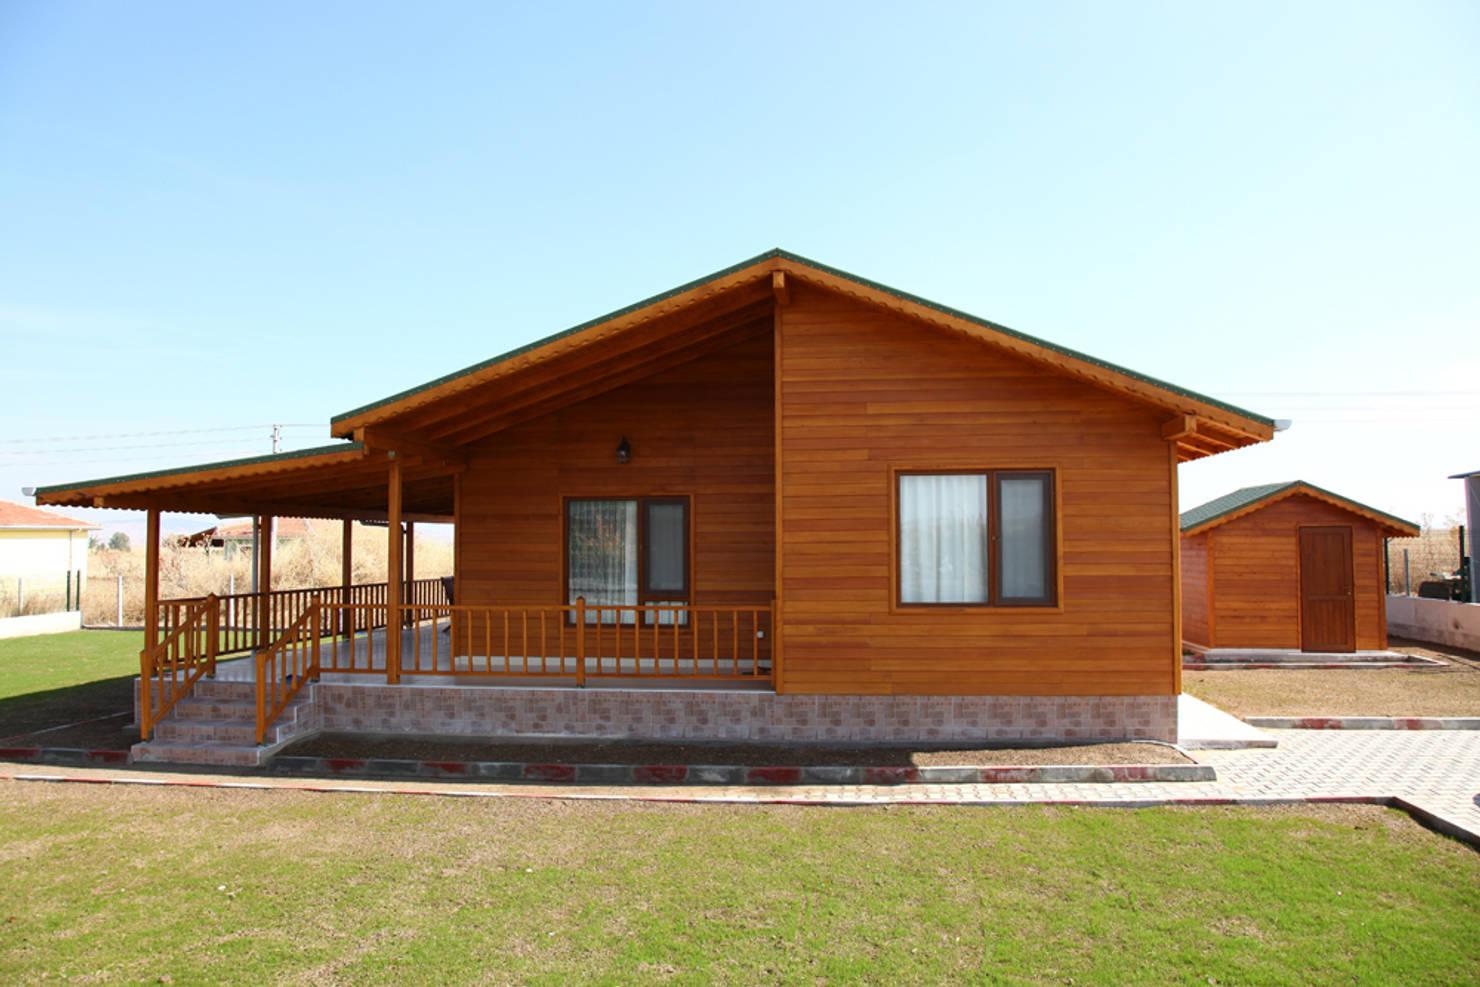 Şehir dışında bir ev mi istiyorsunuz? Türkiye'den 7 ekonomik örnek!